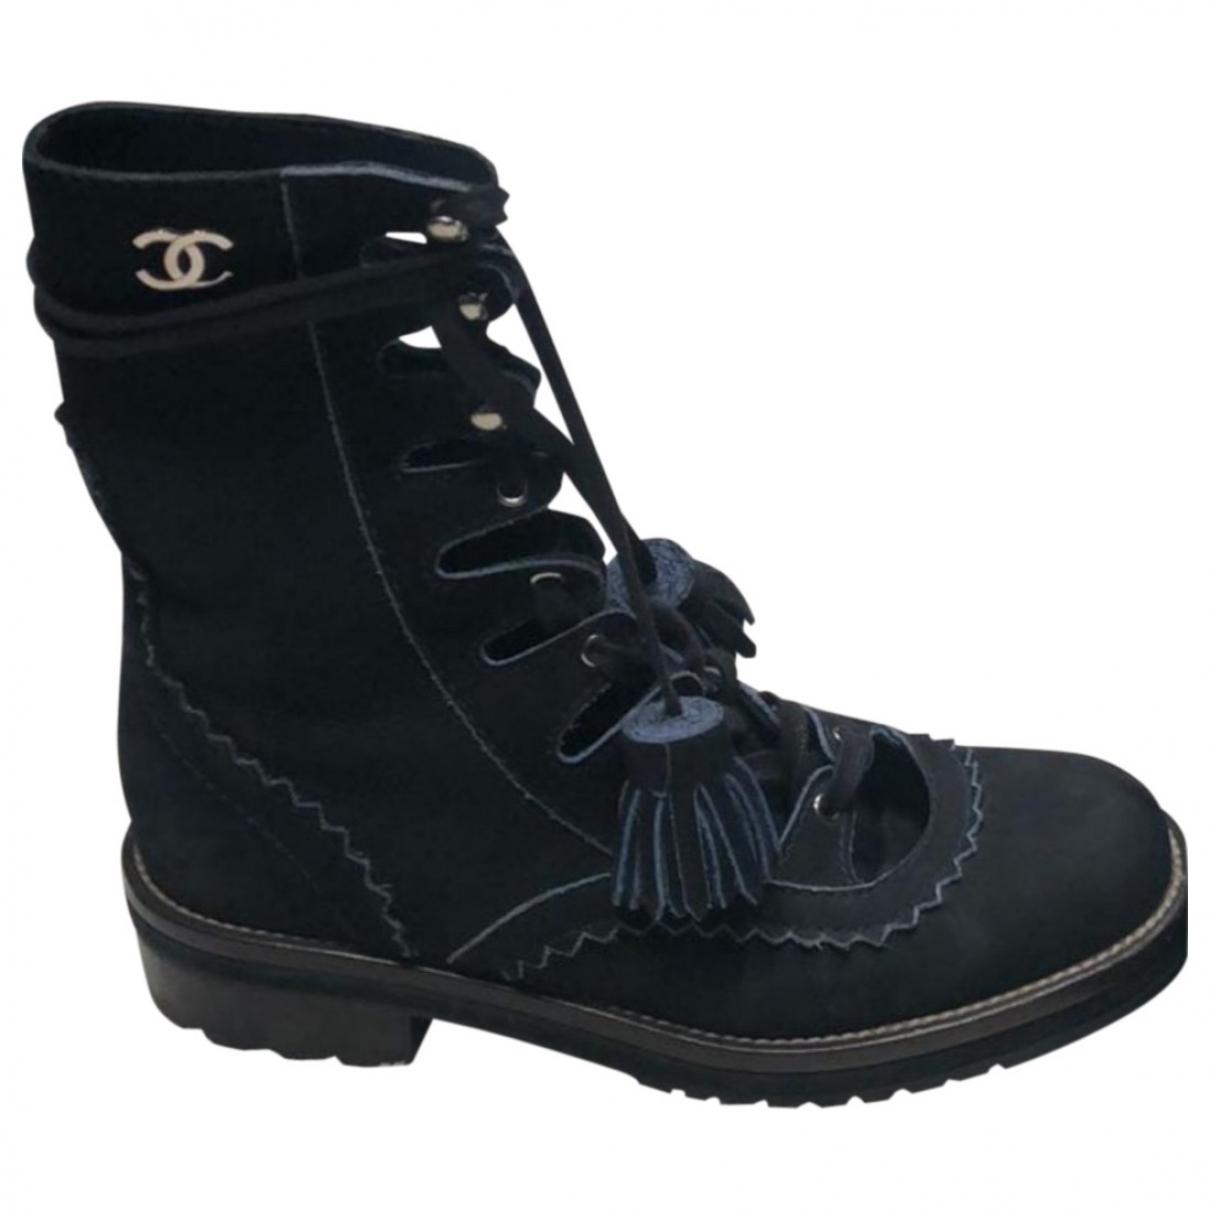 Chanel - Boots   pour femme en suede - marine